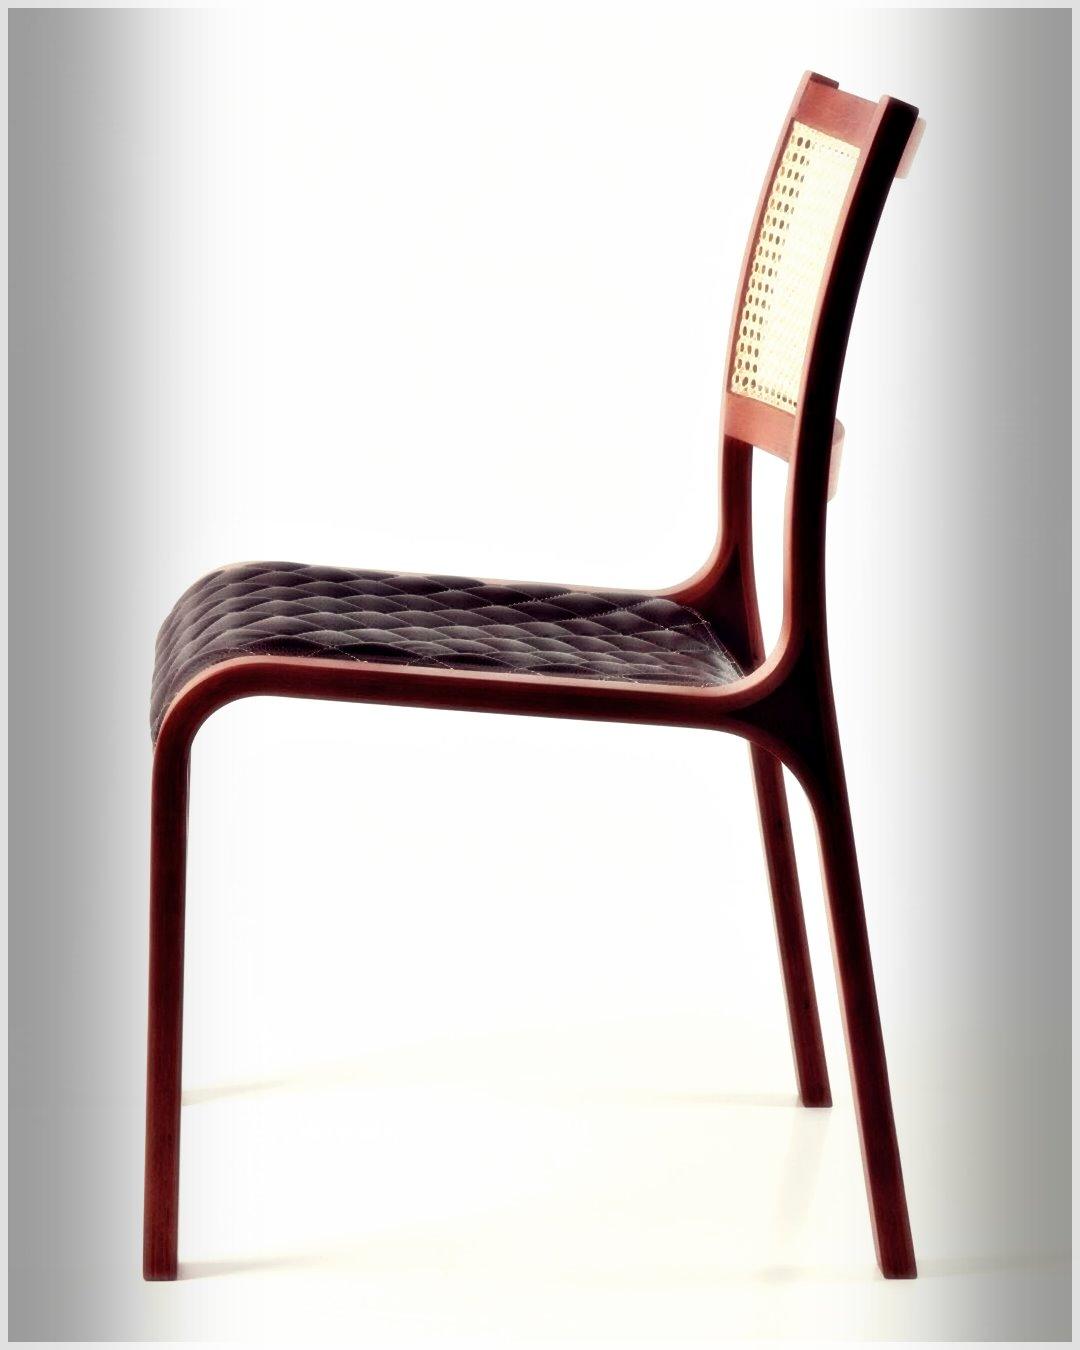 FurnitureDesign-93744995045